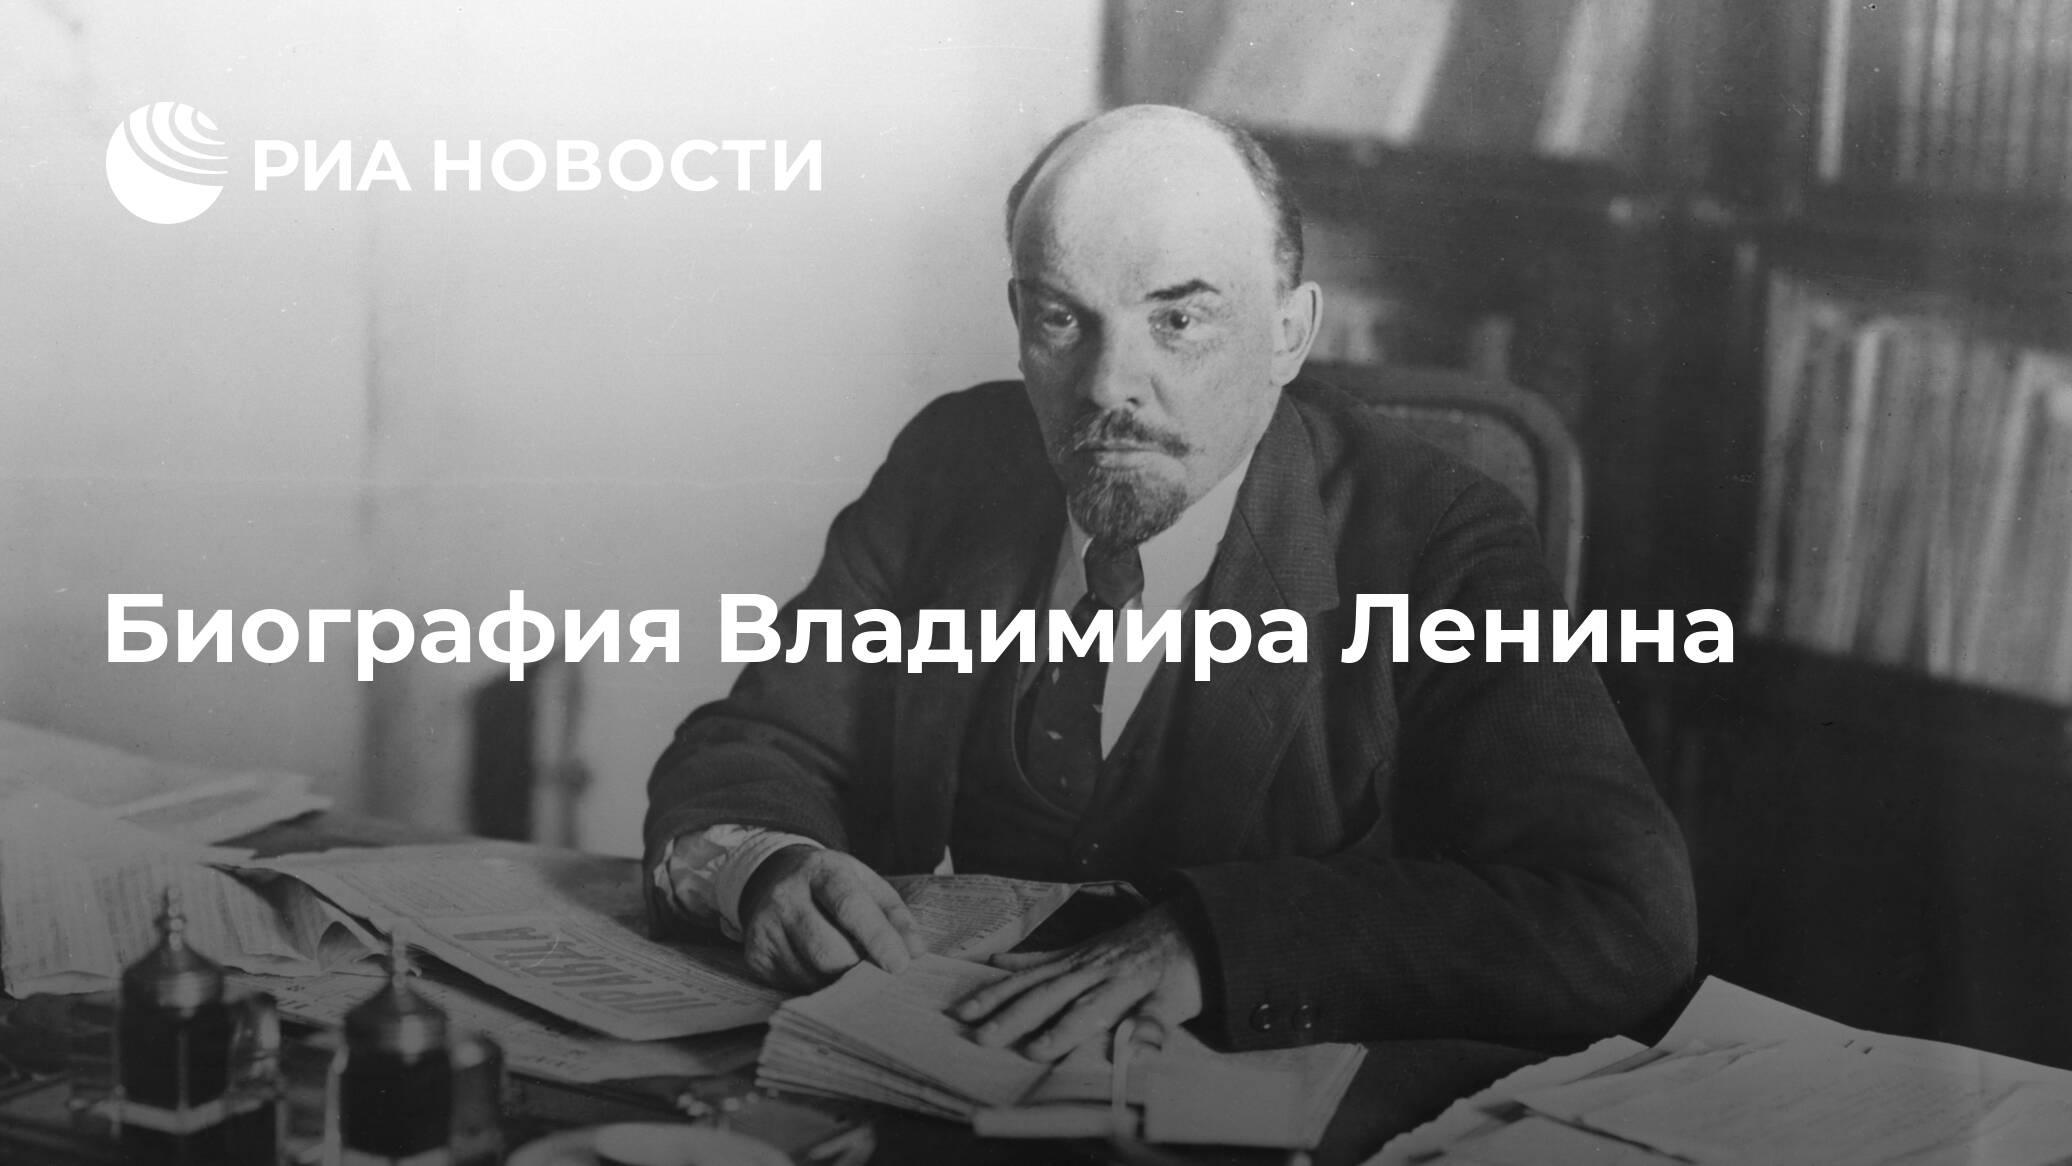 Владимир ильич ленин: биография, детство, семья, политическая и личная жизнь, интересные факты, смерть | история